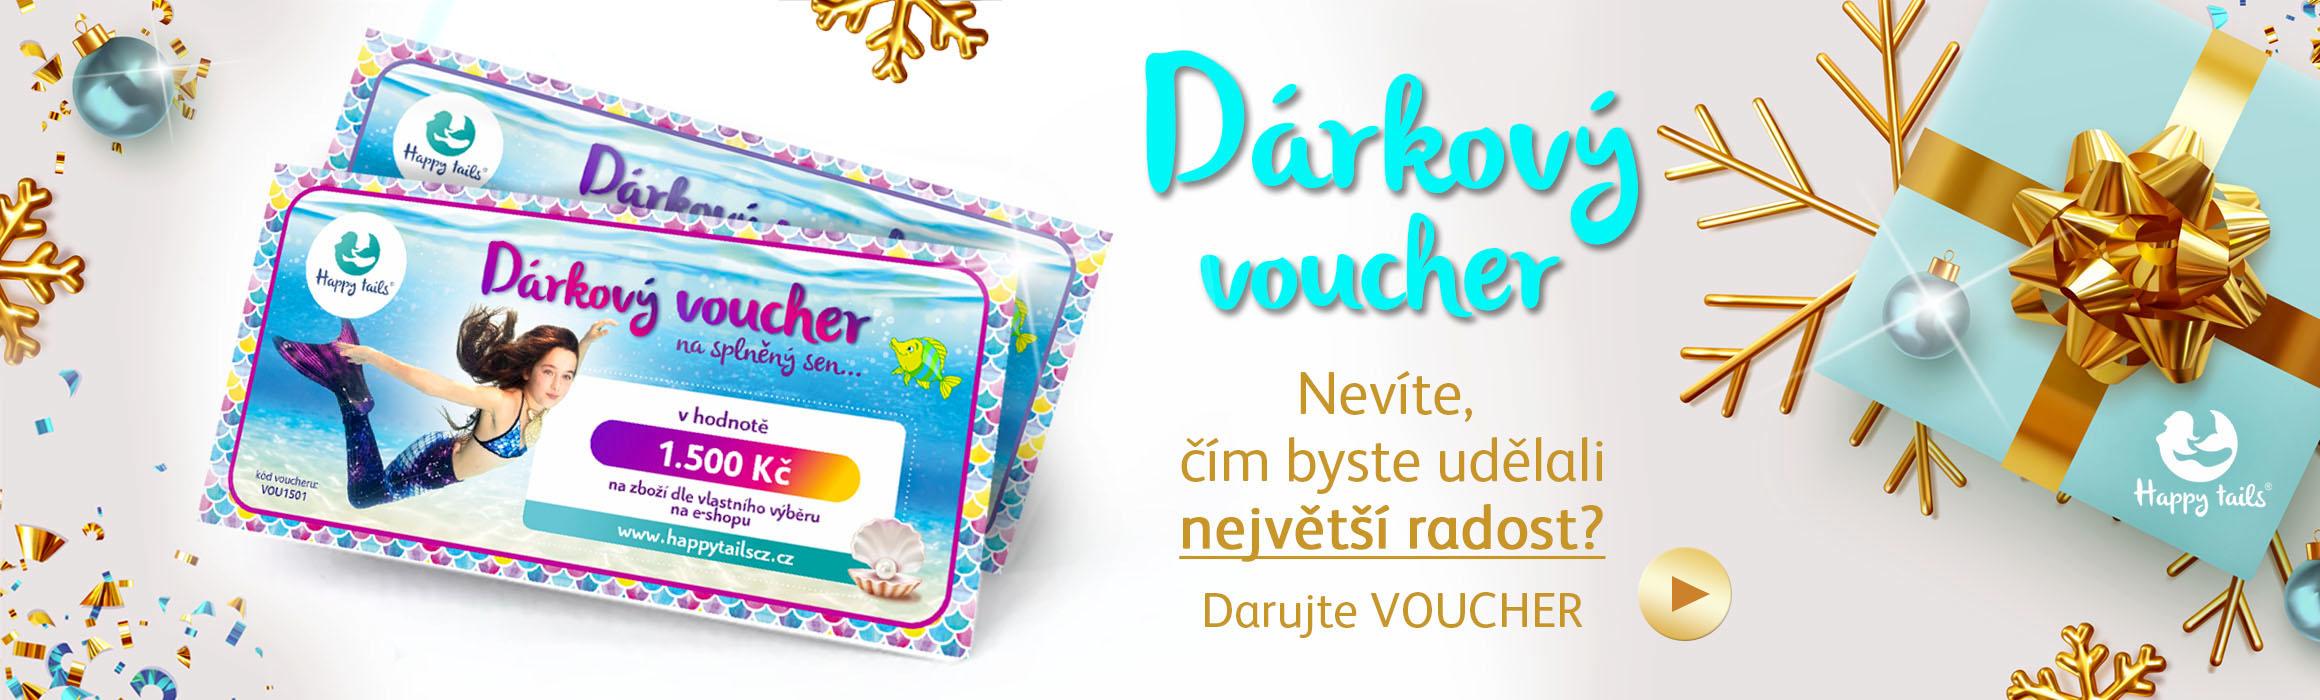 darkovy_voucher_morska_panna